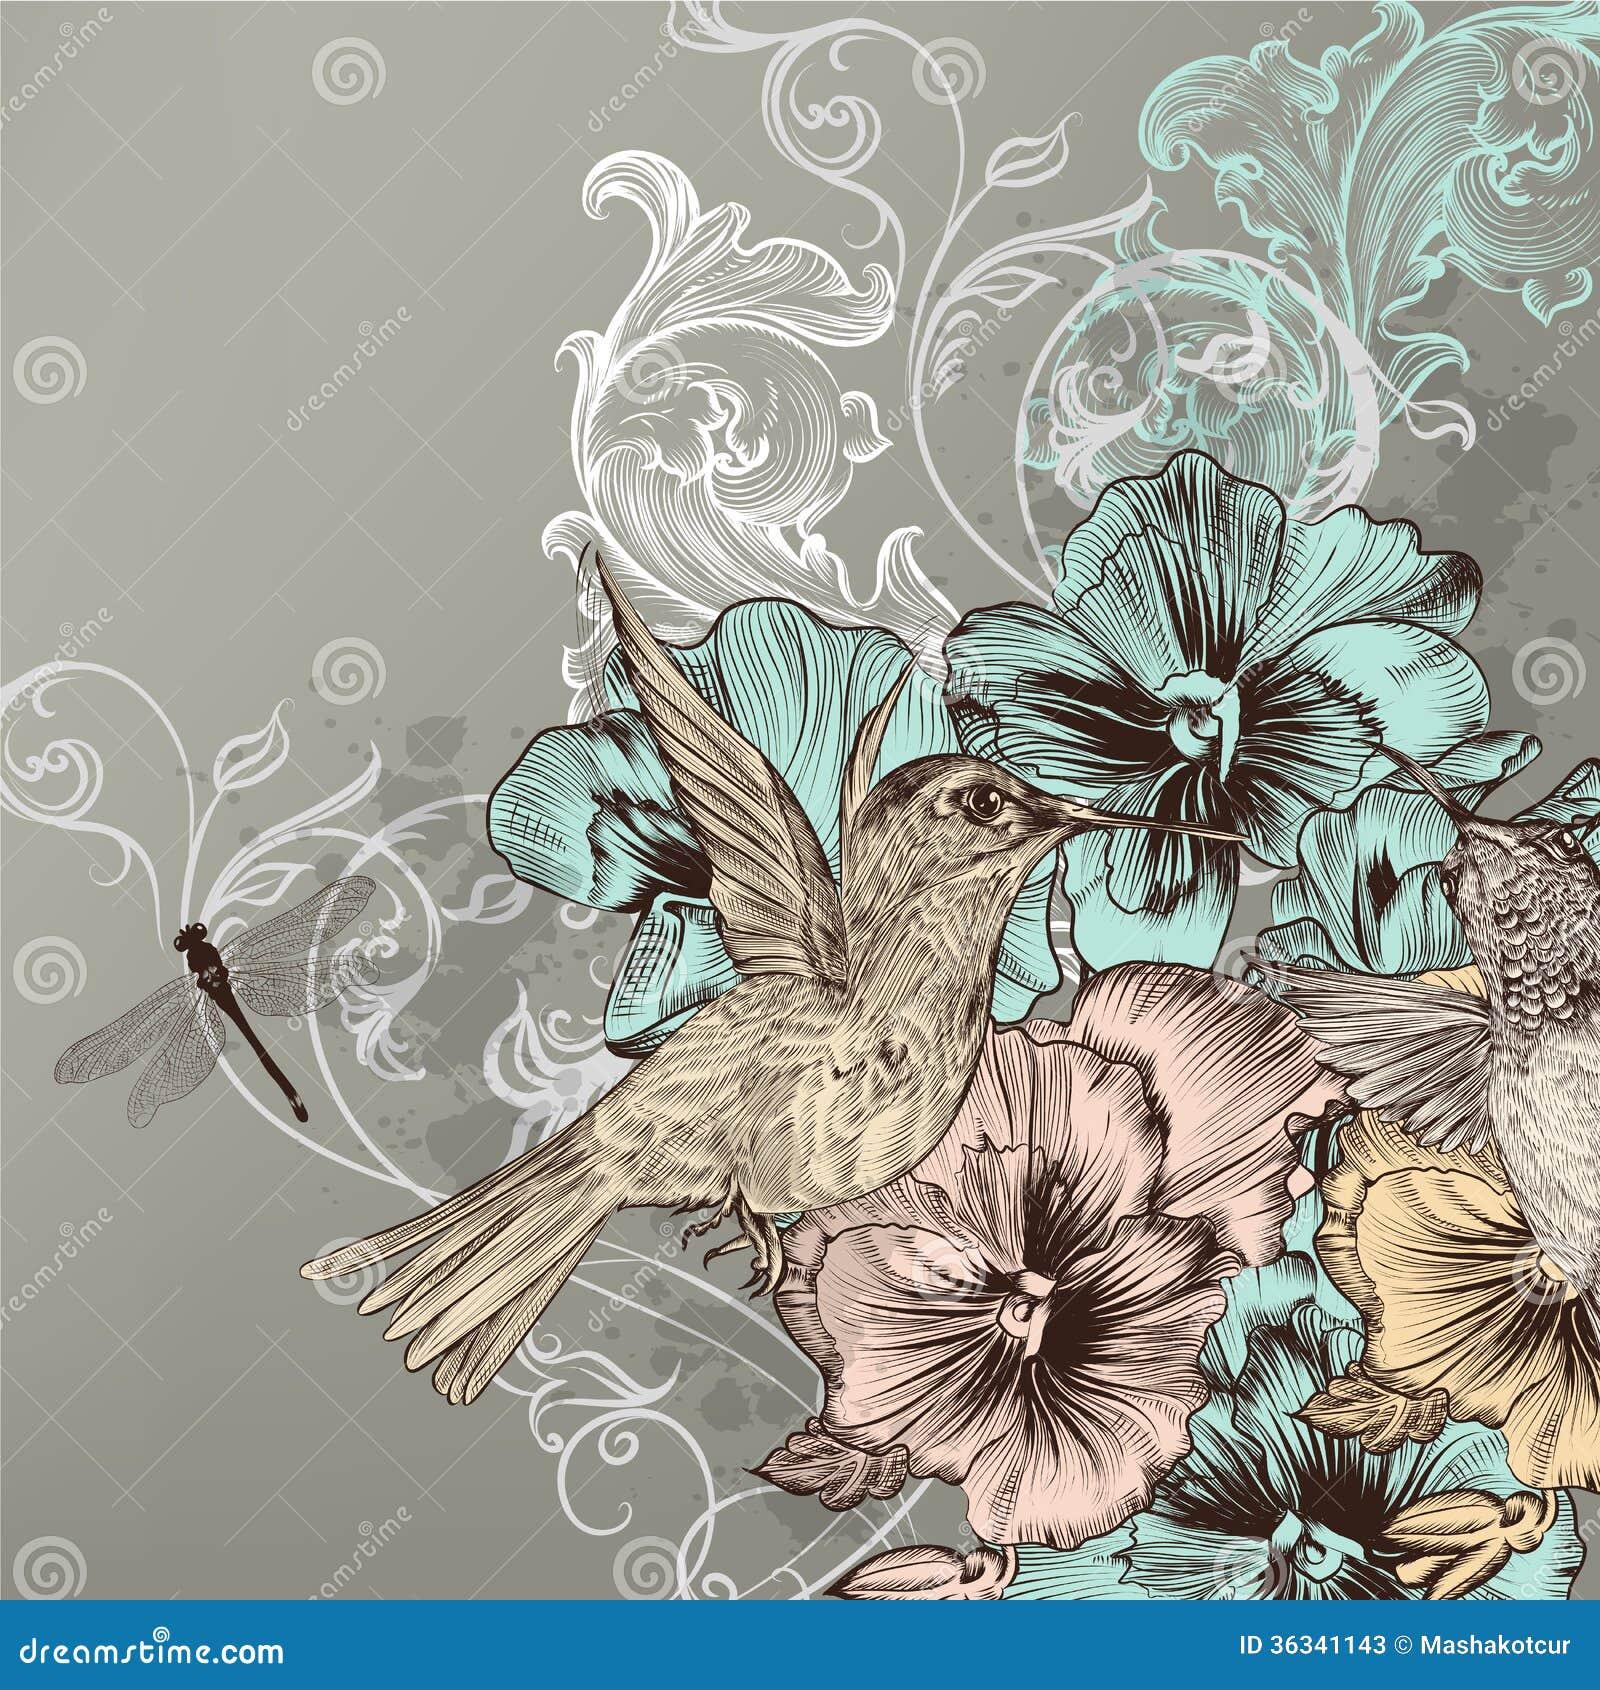 elegantfloralbackgroundflowershummingbirdscute